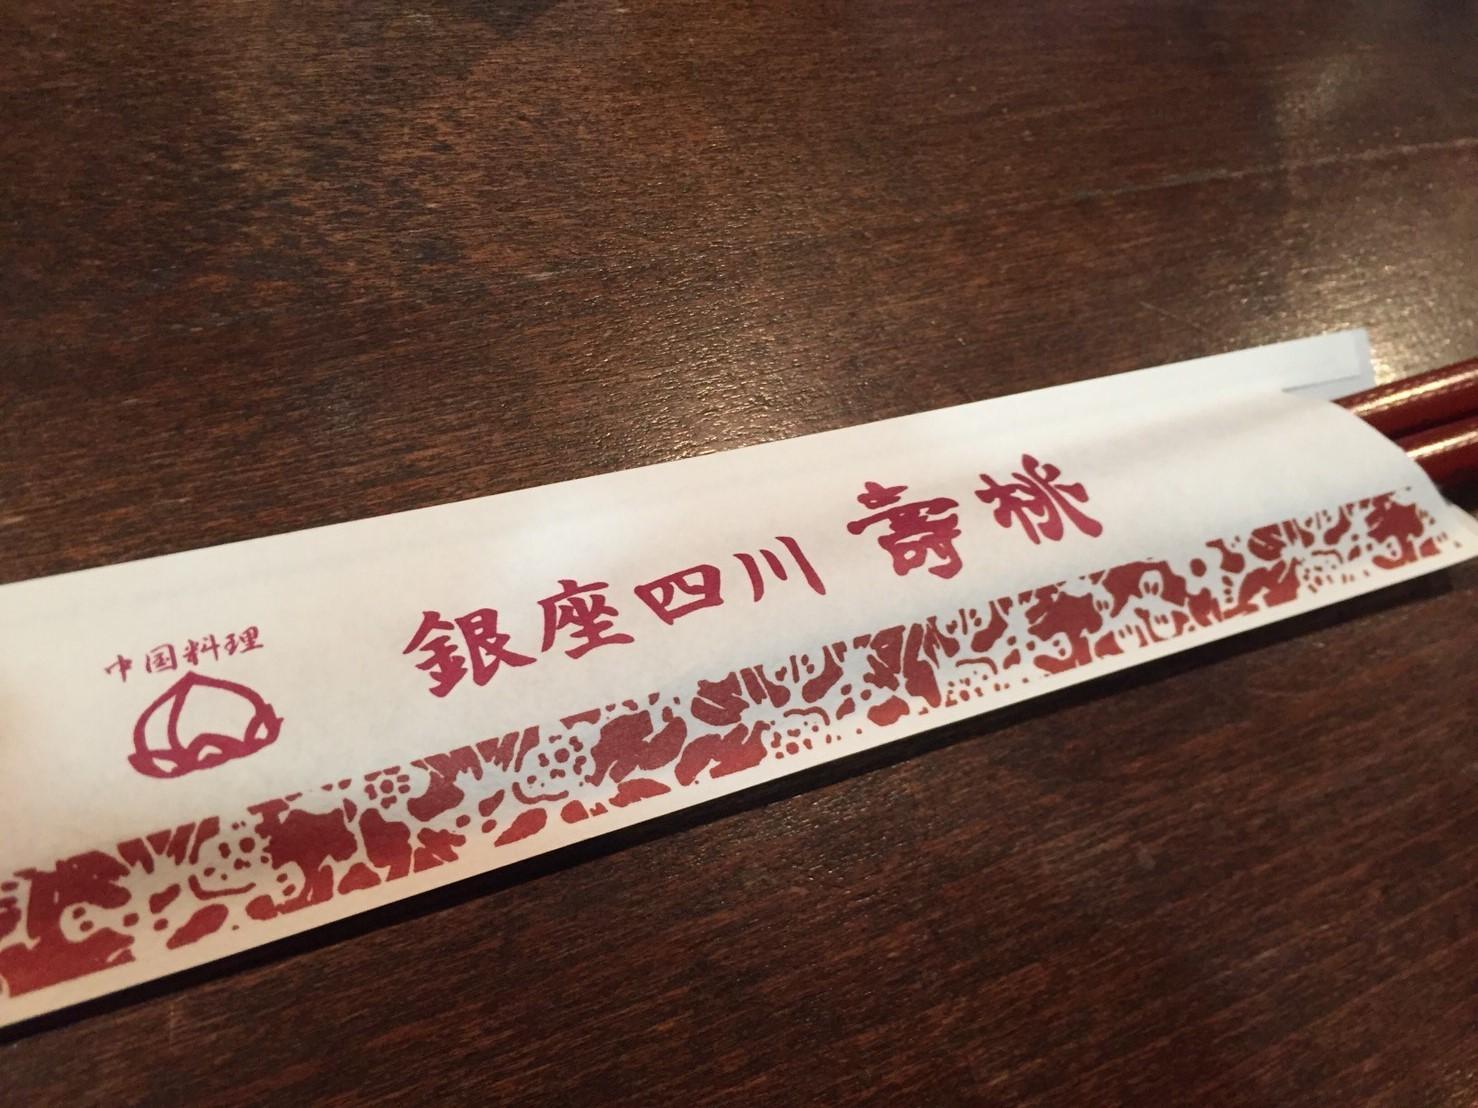 中国料理 銀座四川 壽桃  ランチ ファイナル_e0115904_05162360.jpg